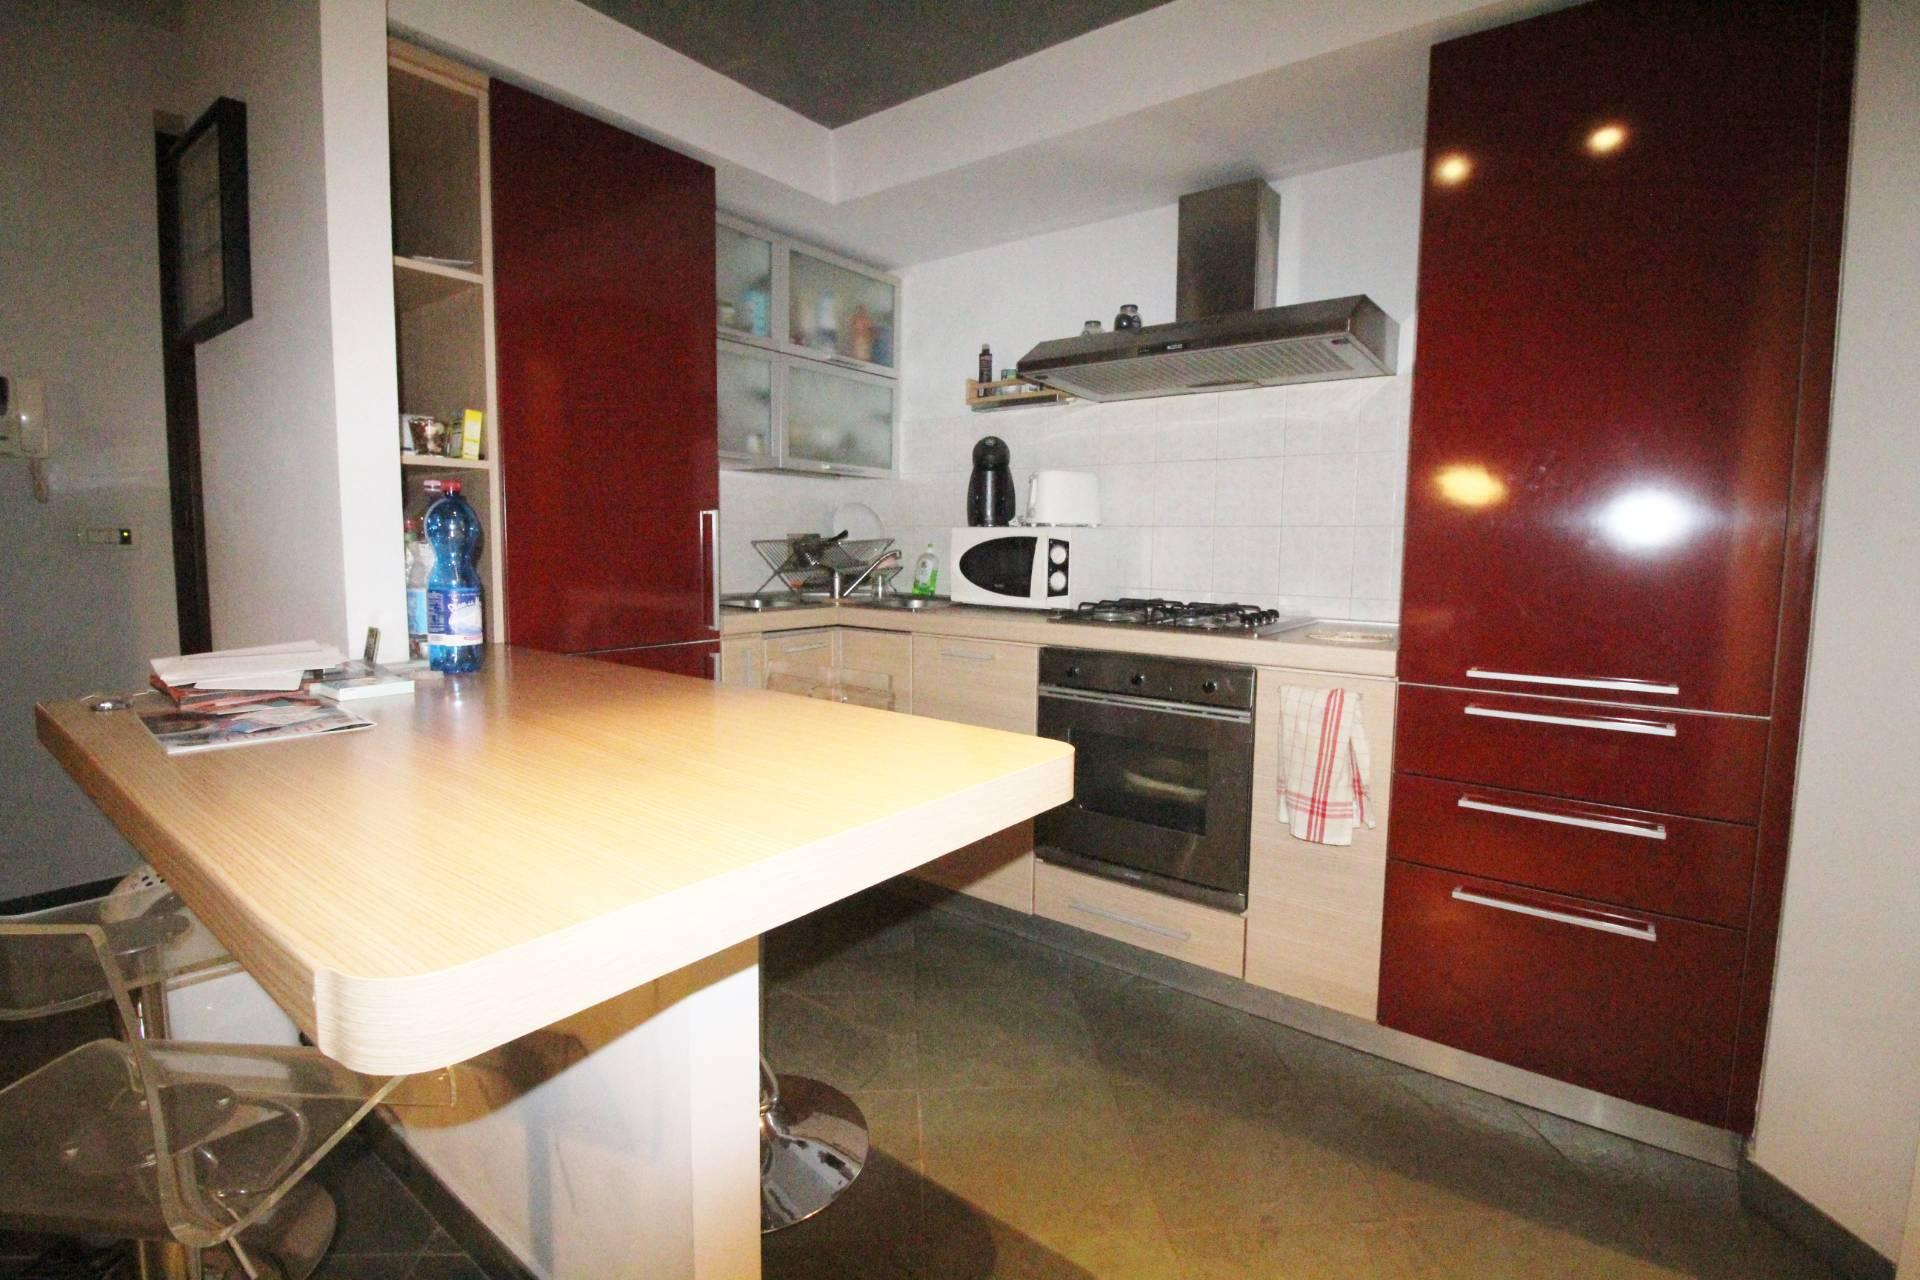 Appartamento in vendita a Rivoli, 2 locali, zona Località: CentroStorico, prezzo € 114.000   CambioCasa.it